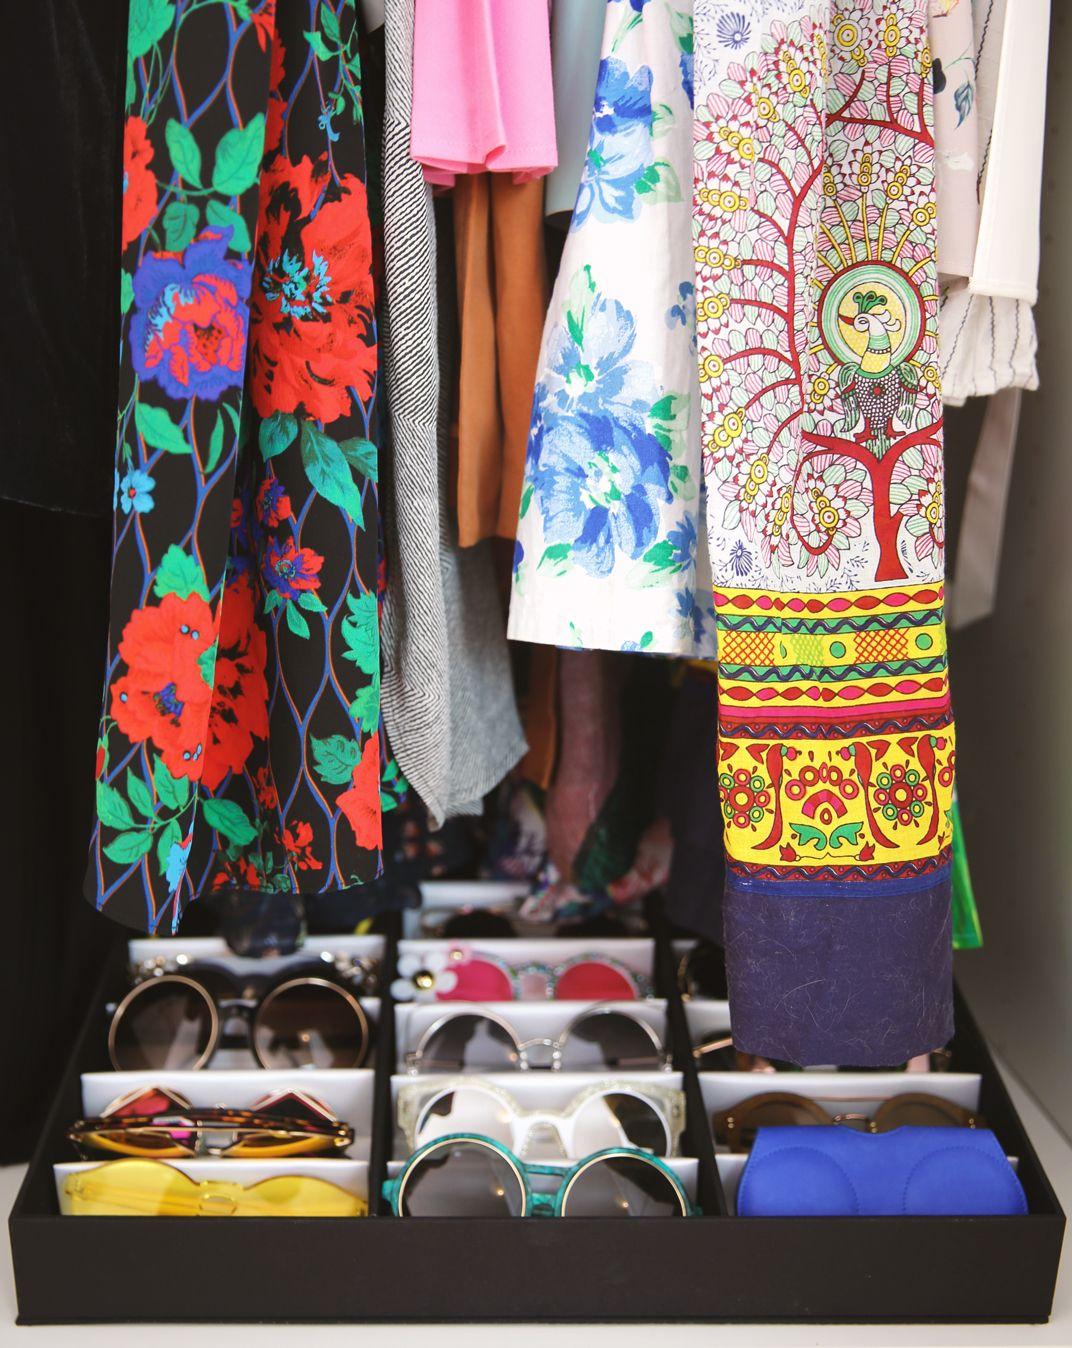 5 Tipps für den perfekten Kleiderschrank | neverever.me